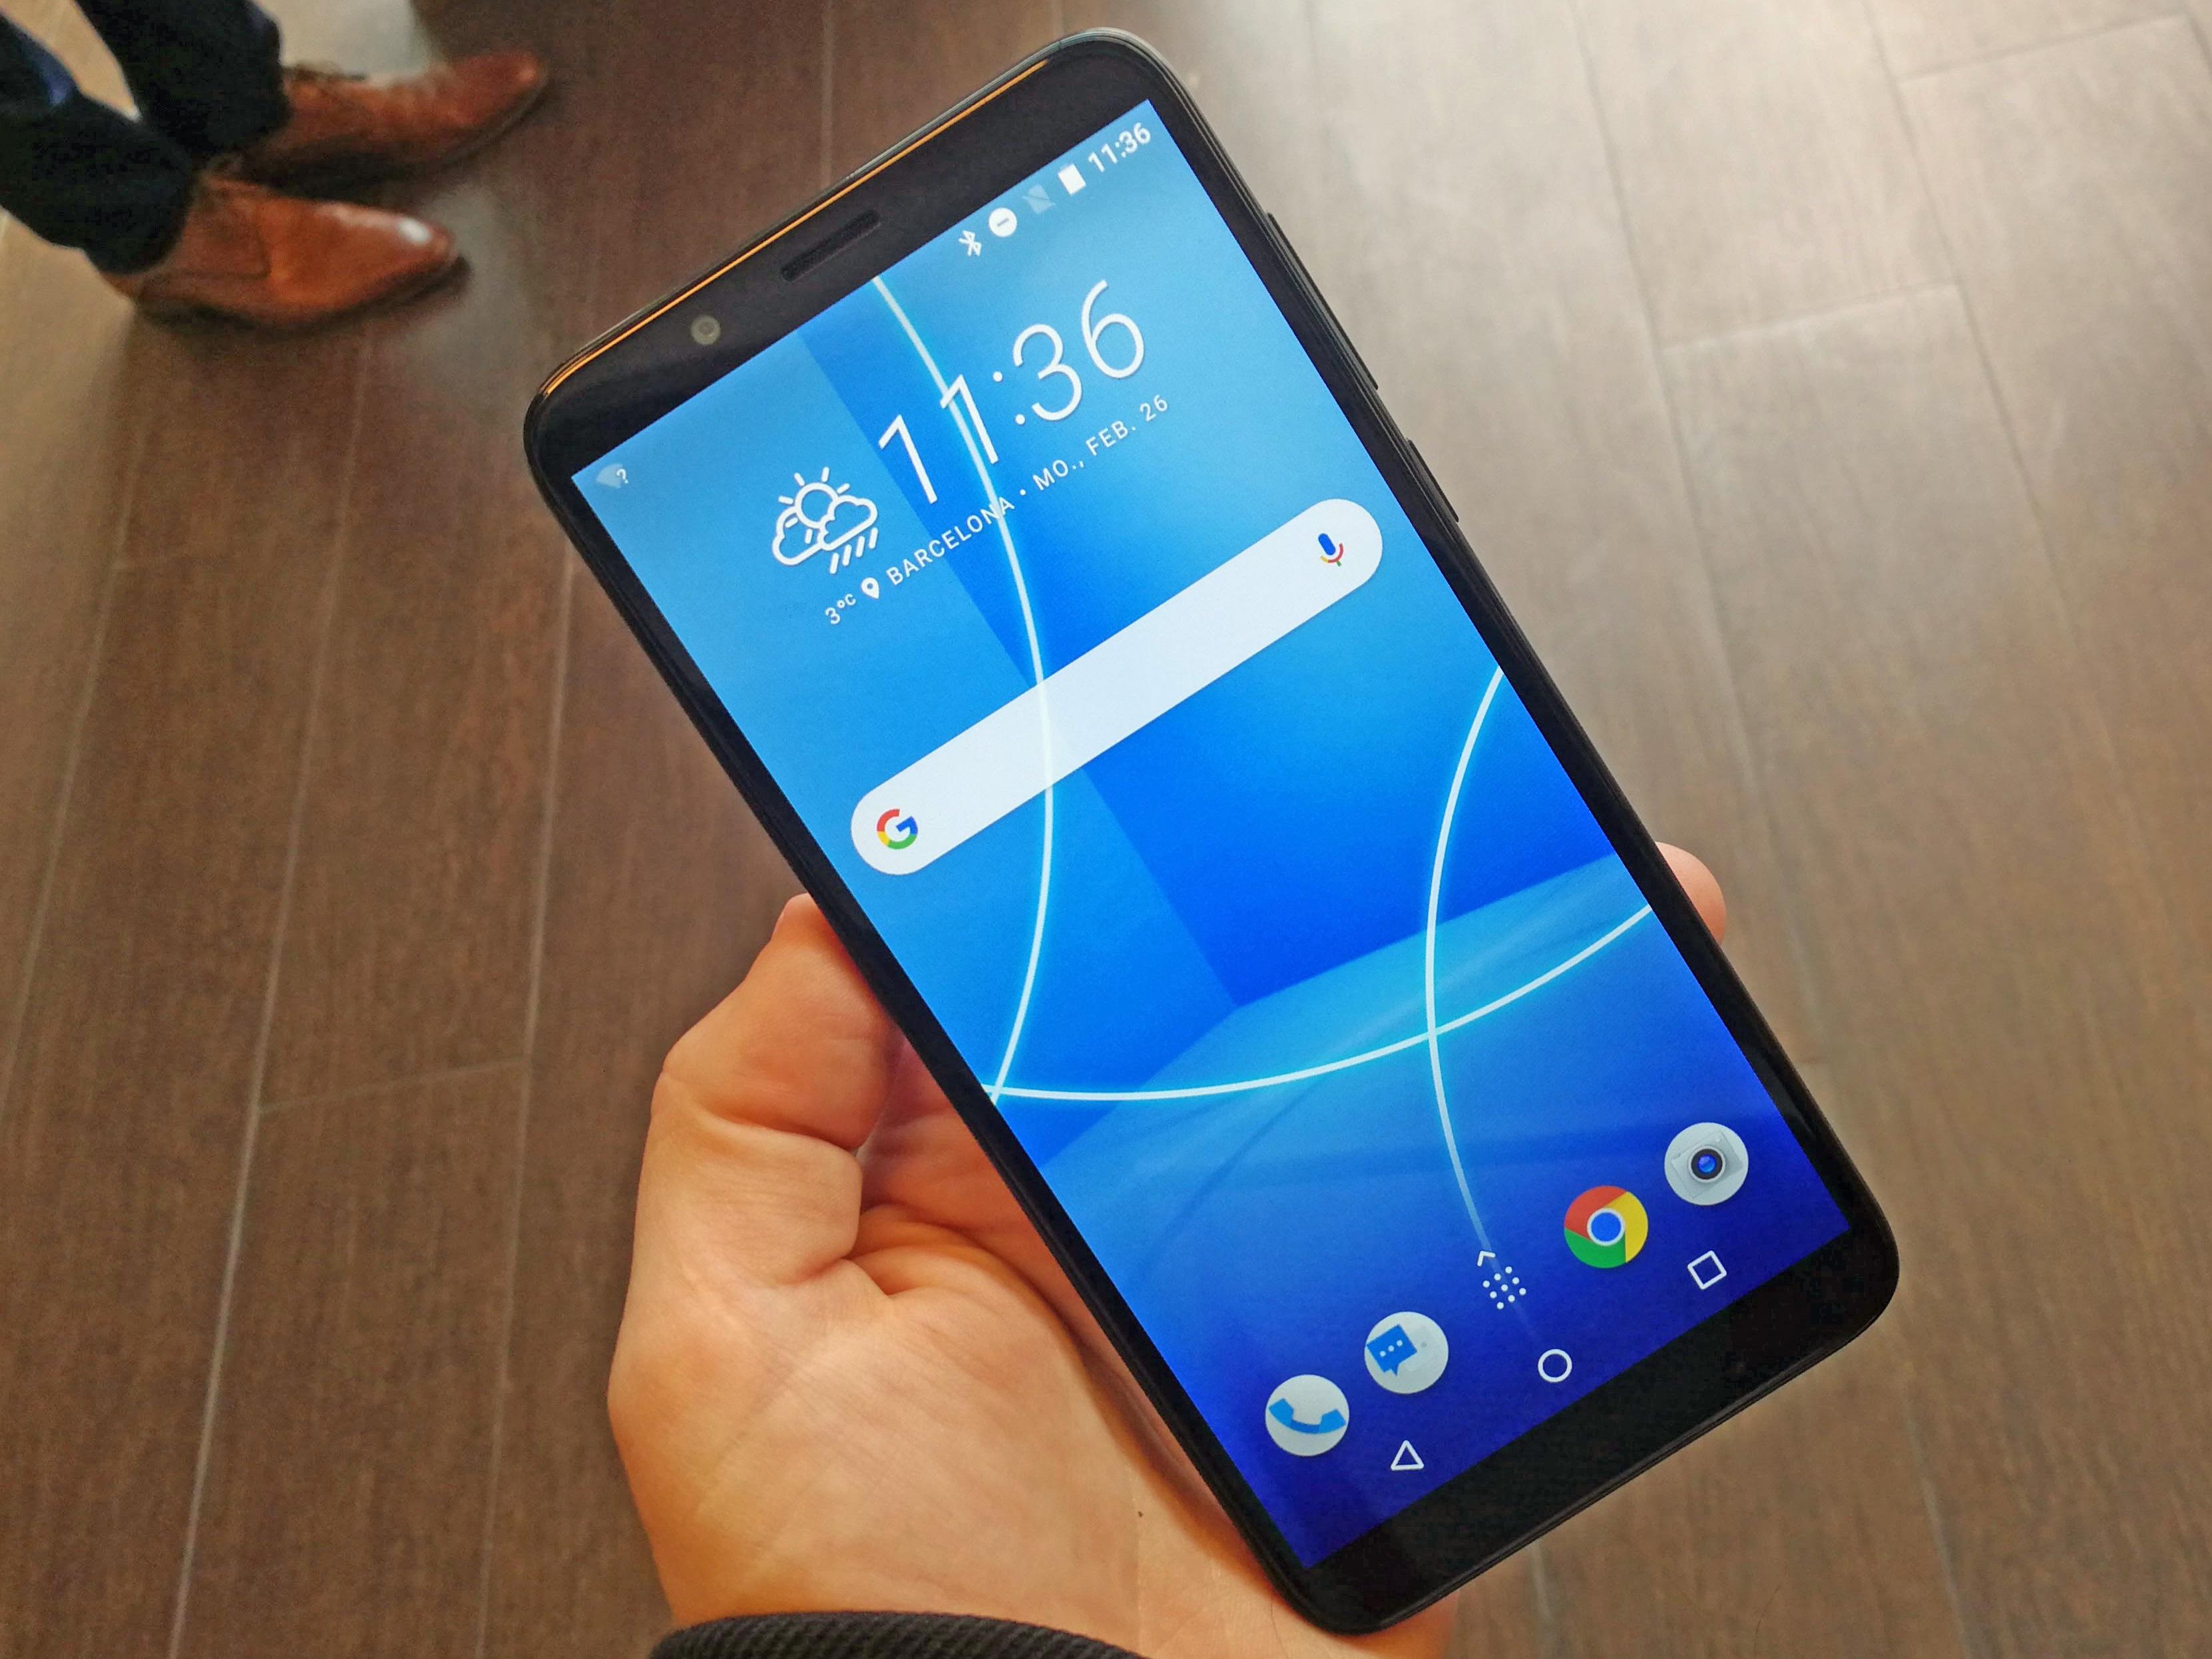 In der Hand: Vorderansicht des HTC Desire 12